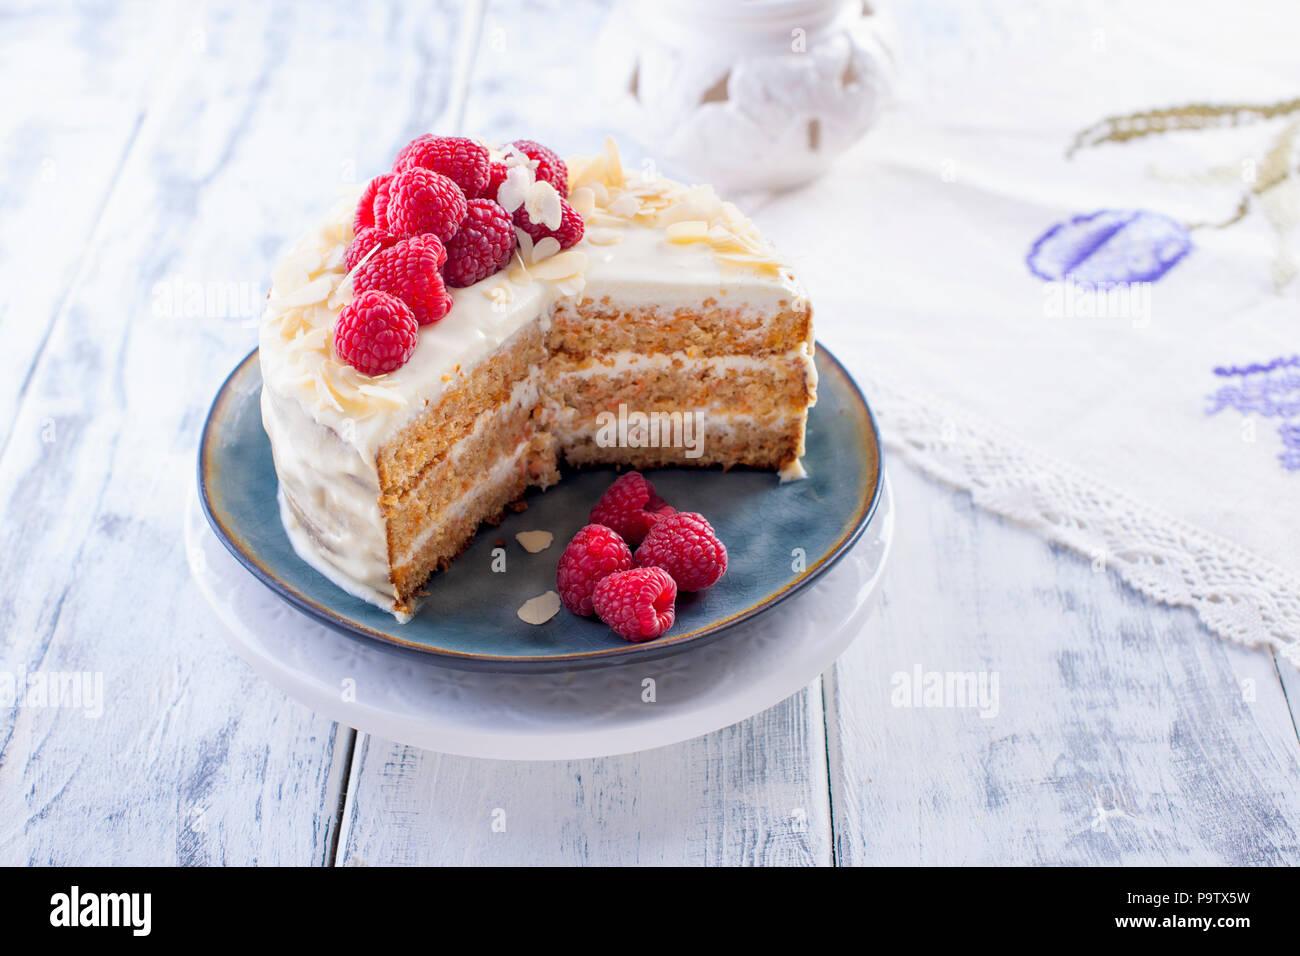 Cortar el pastel con crema blanca, para el desayuno. Una fruta de mango. Fondo blanco, con mantel de encaje y espacio libre para el texto o publicidad Imagen De Stock